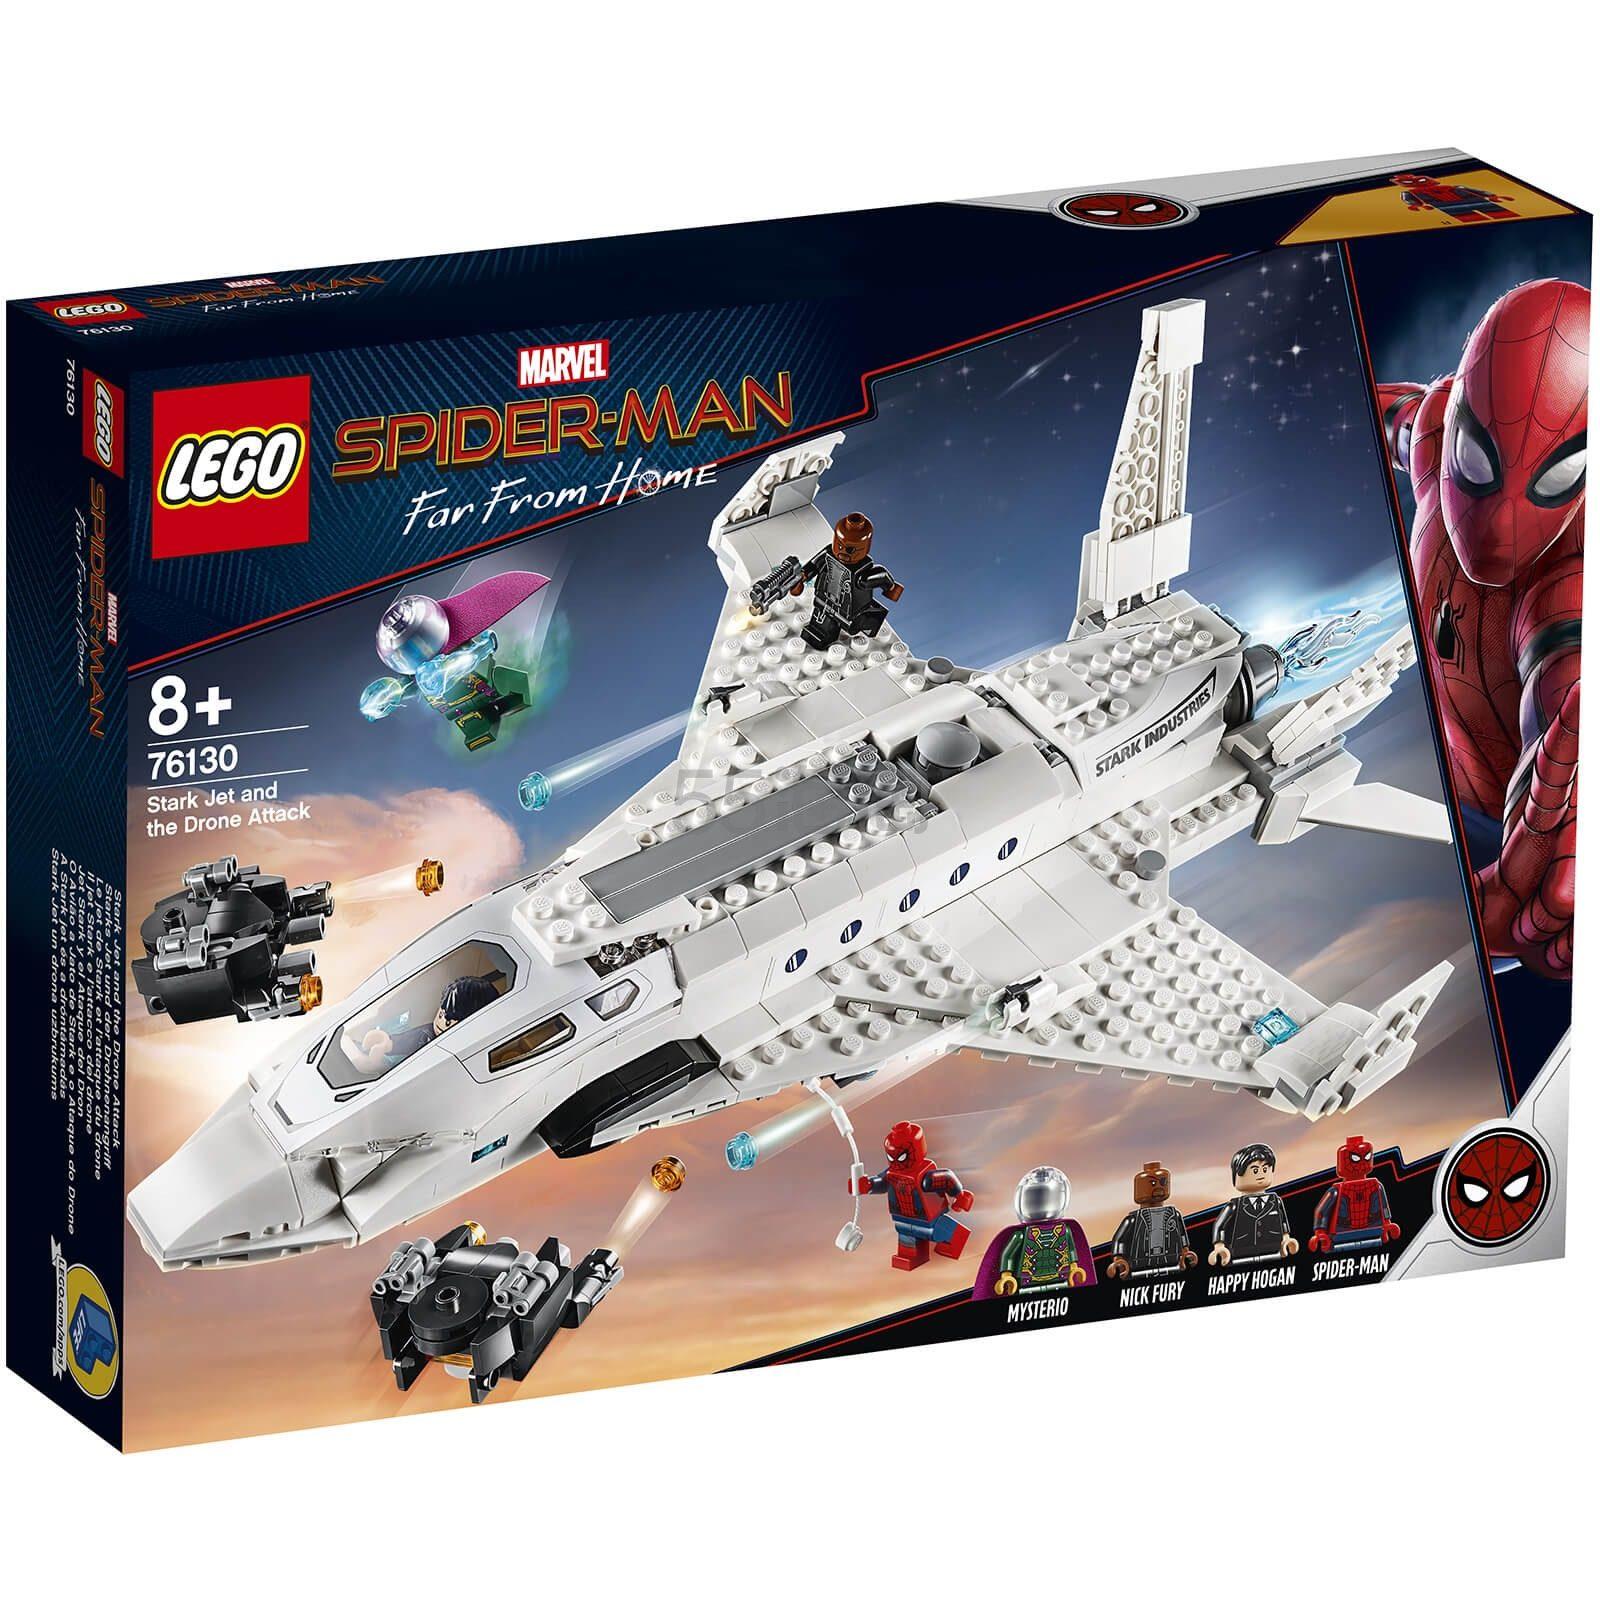 免邮中国!LEGO 乐高 超级英雄系列 钢铁侠战机和无人机攻击 (76130) £43.99(约385元) - 海淘优惠海淘折扣|55海淘网